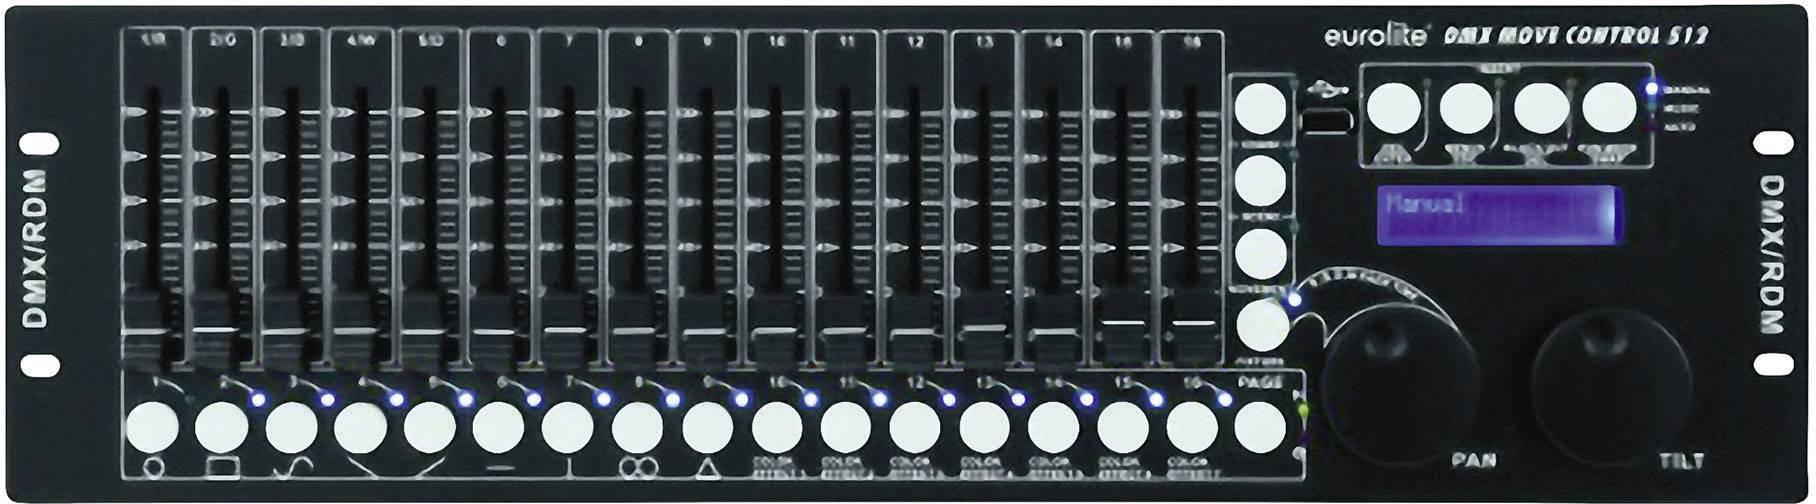 DMX kontrolér Eurolite DMX Move Control 512